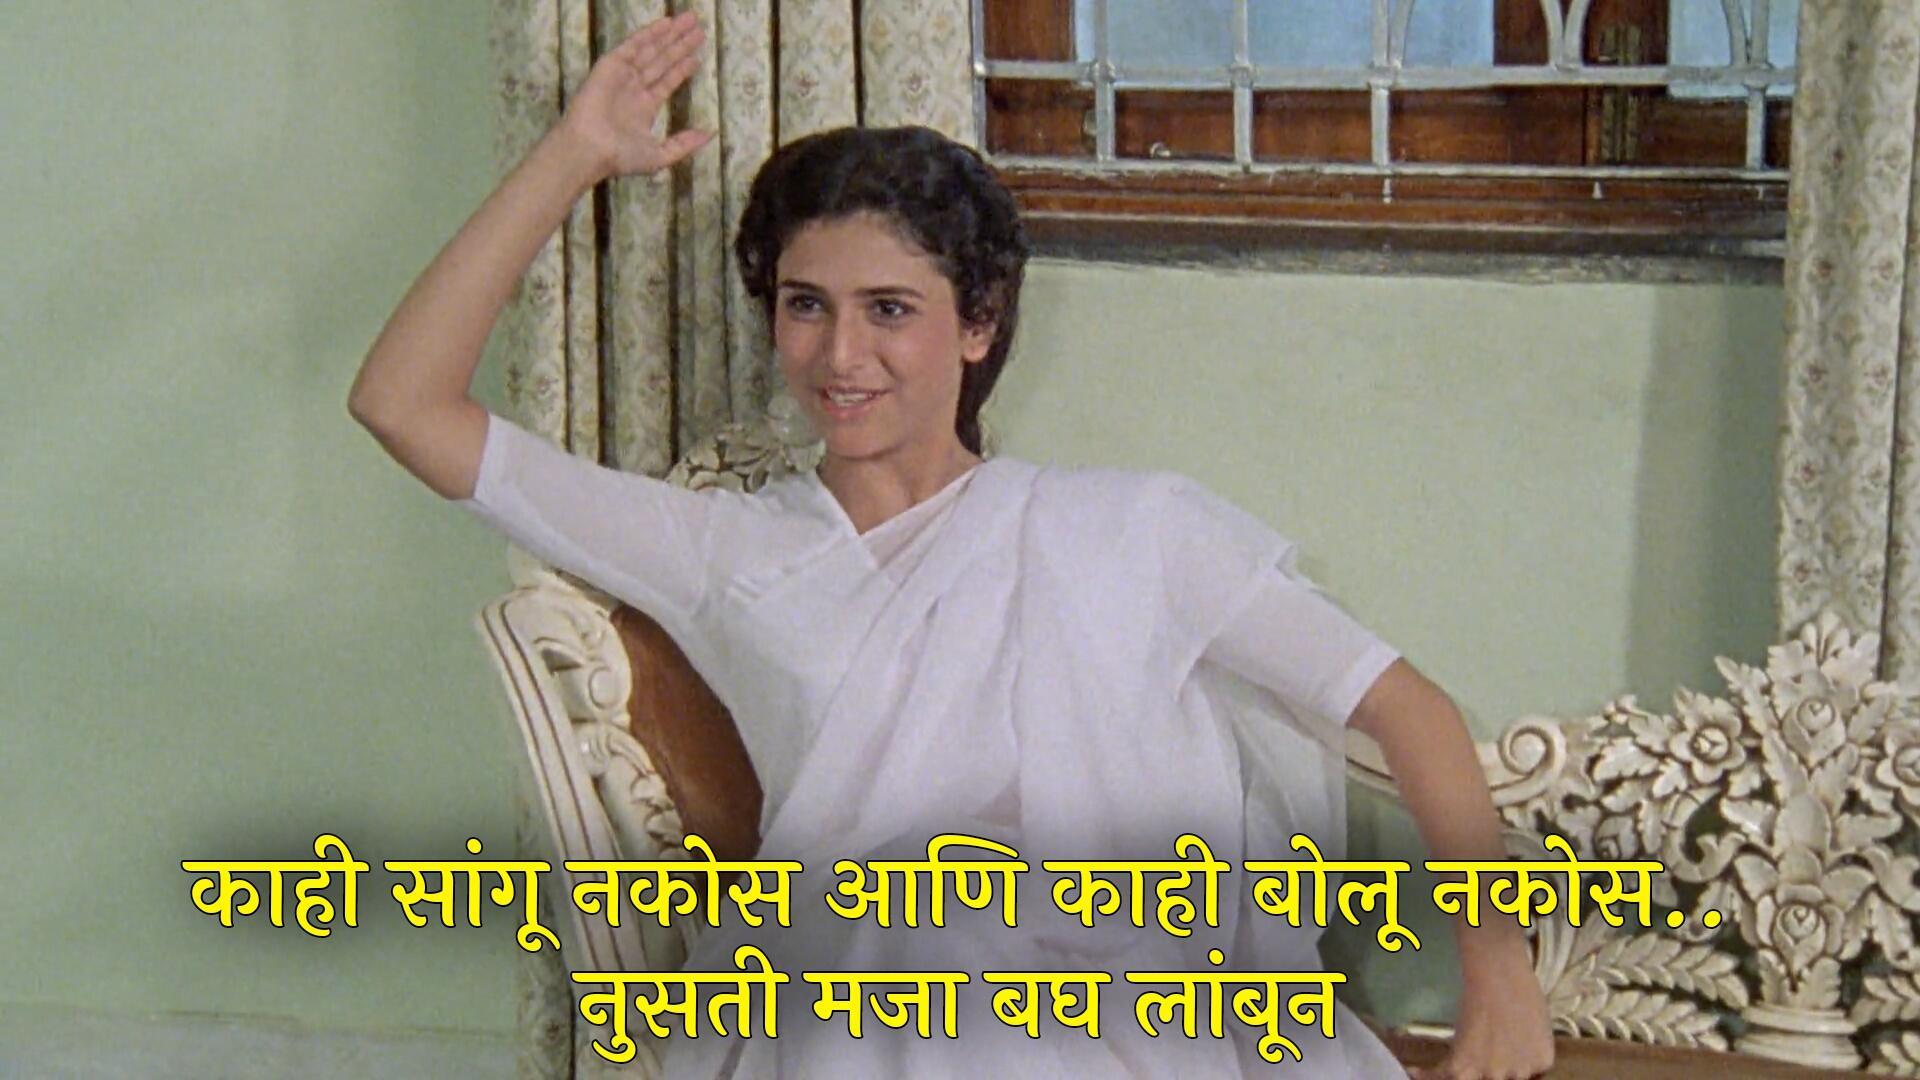 Maza Pati Karodpati Dialogues